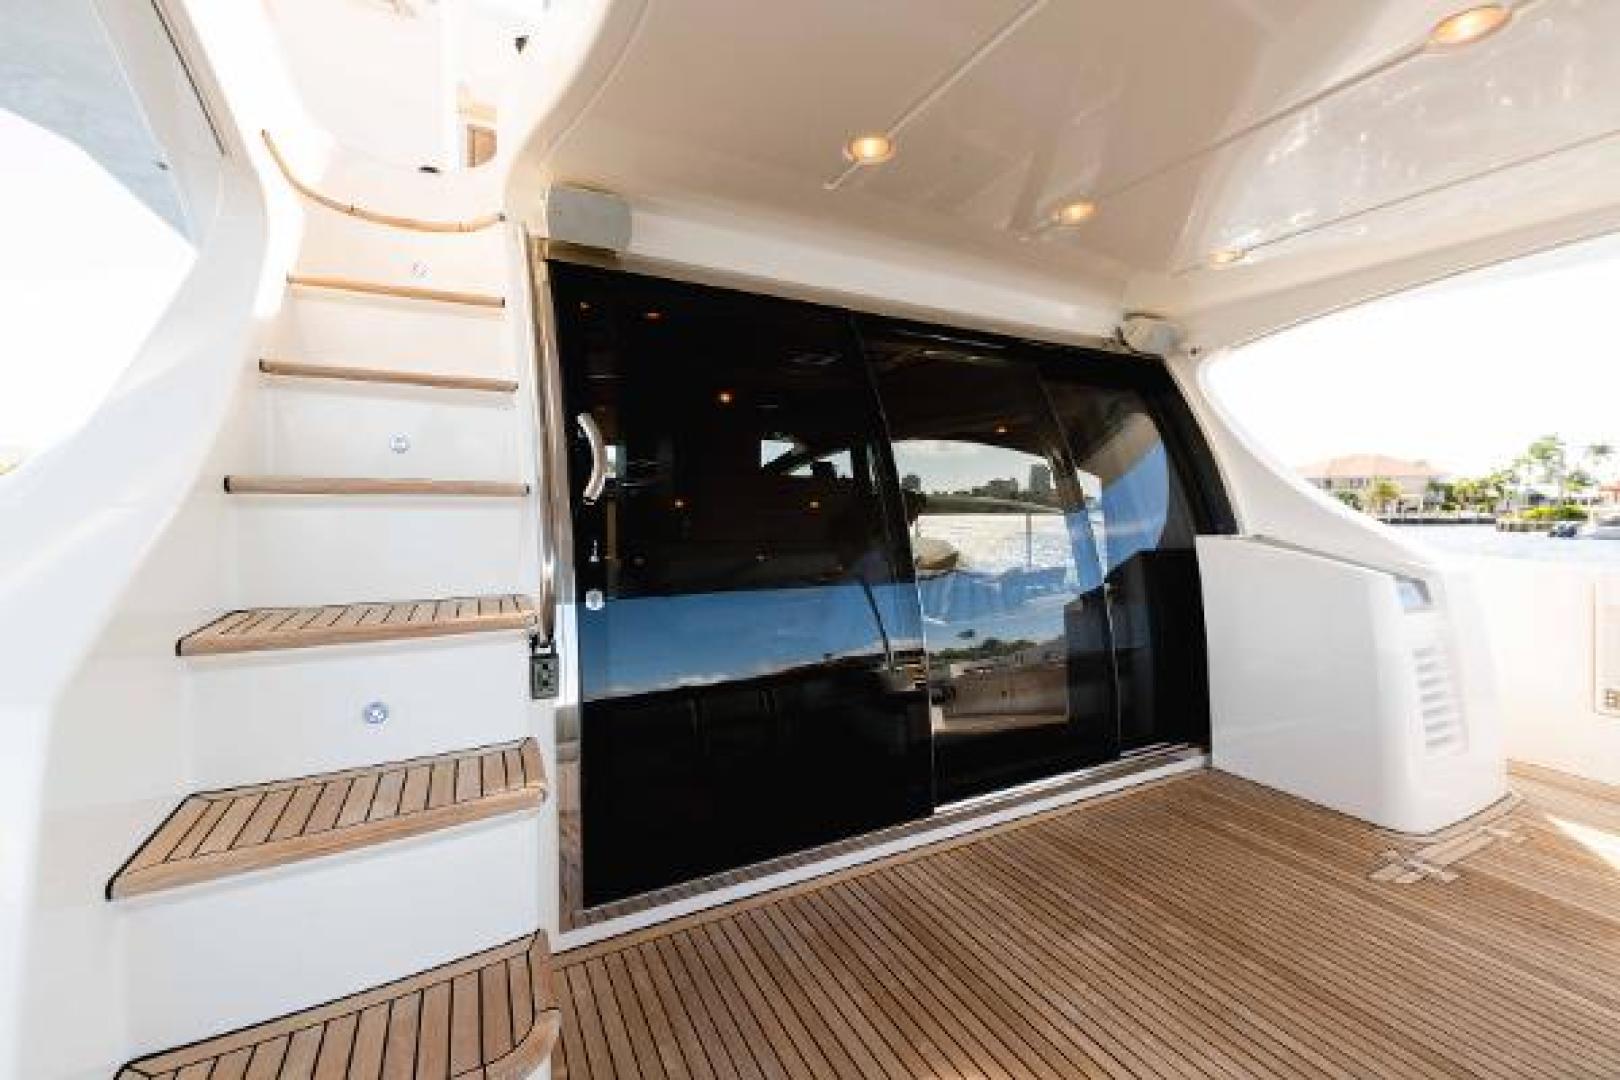 Azimut-Flybridge 2011 -Fort Lauderdale-Florida-United States-1195751 | Thumbnail